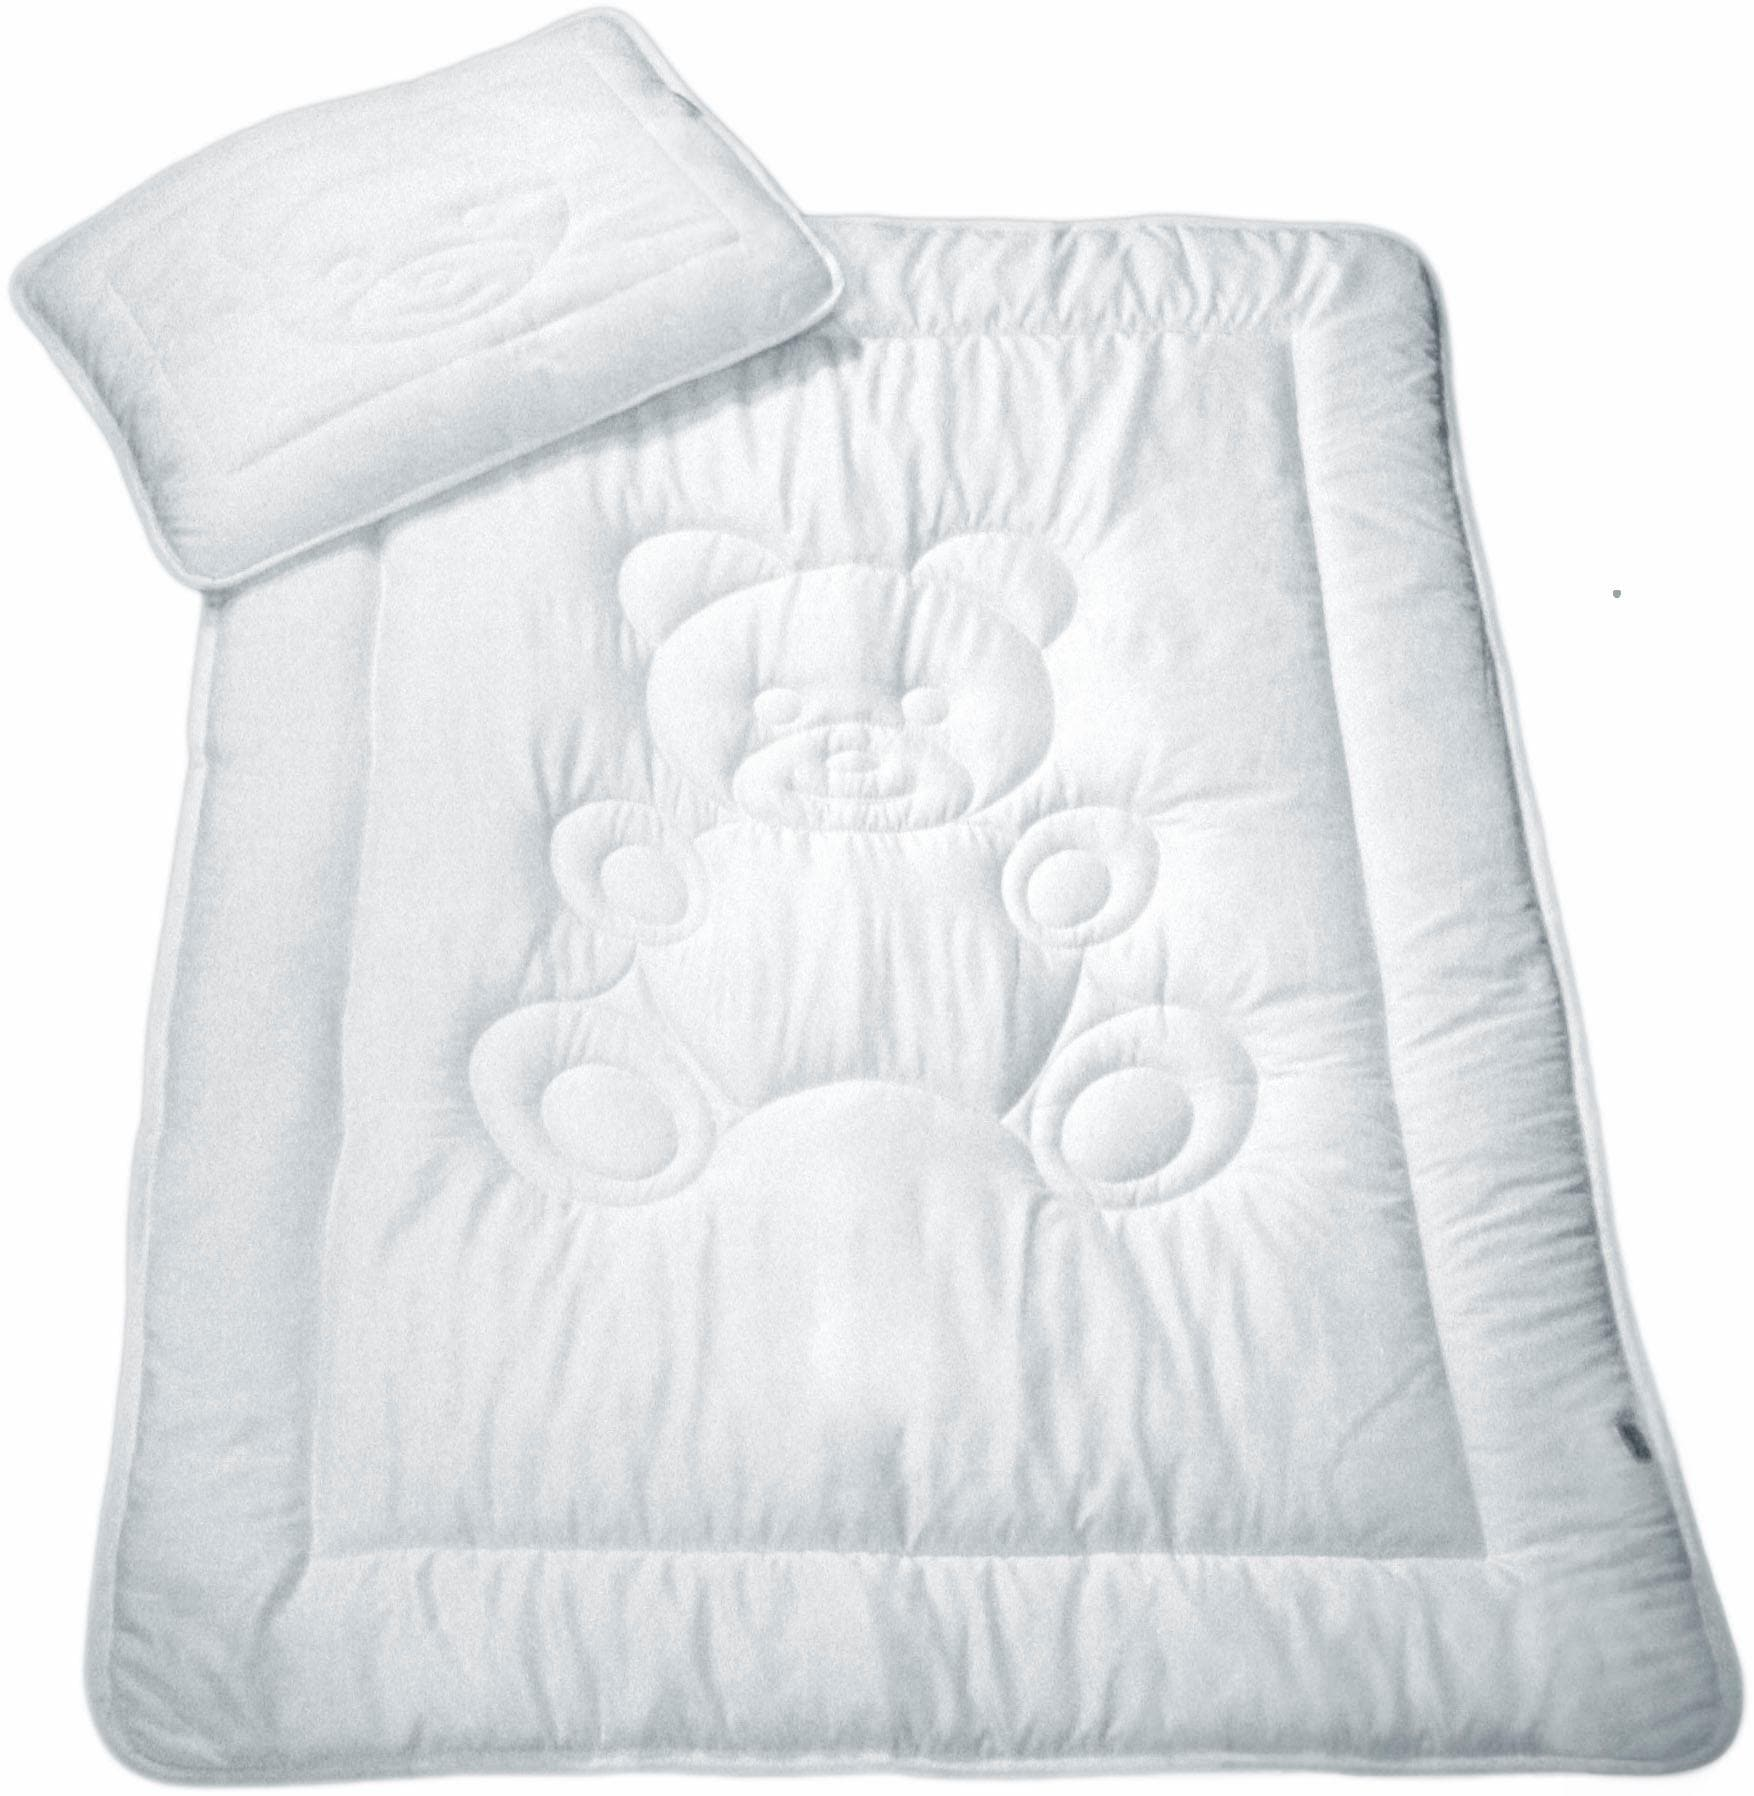 MESANA Kinderbettdecke + Kopfkissen Bär, (Spar-Set) weiß Kinder Bettdecken Bettdecken, Unterbetten